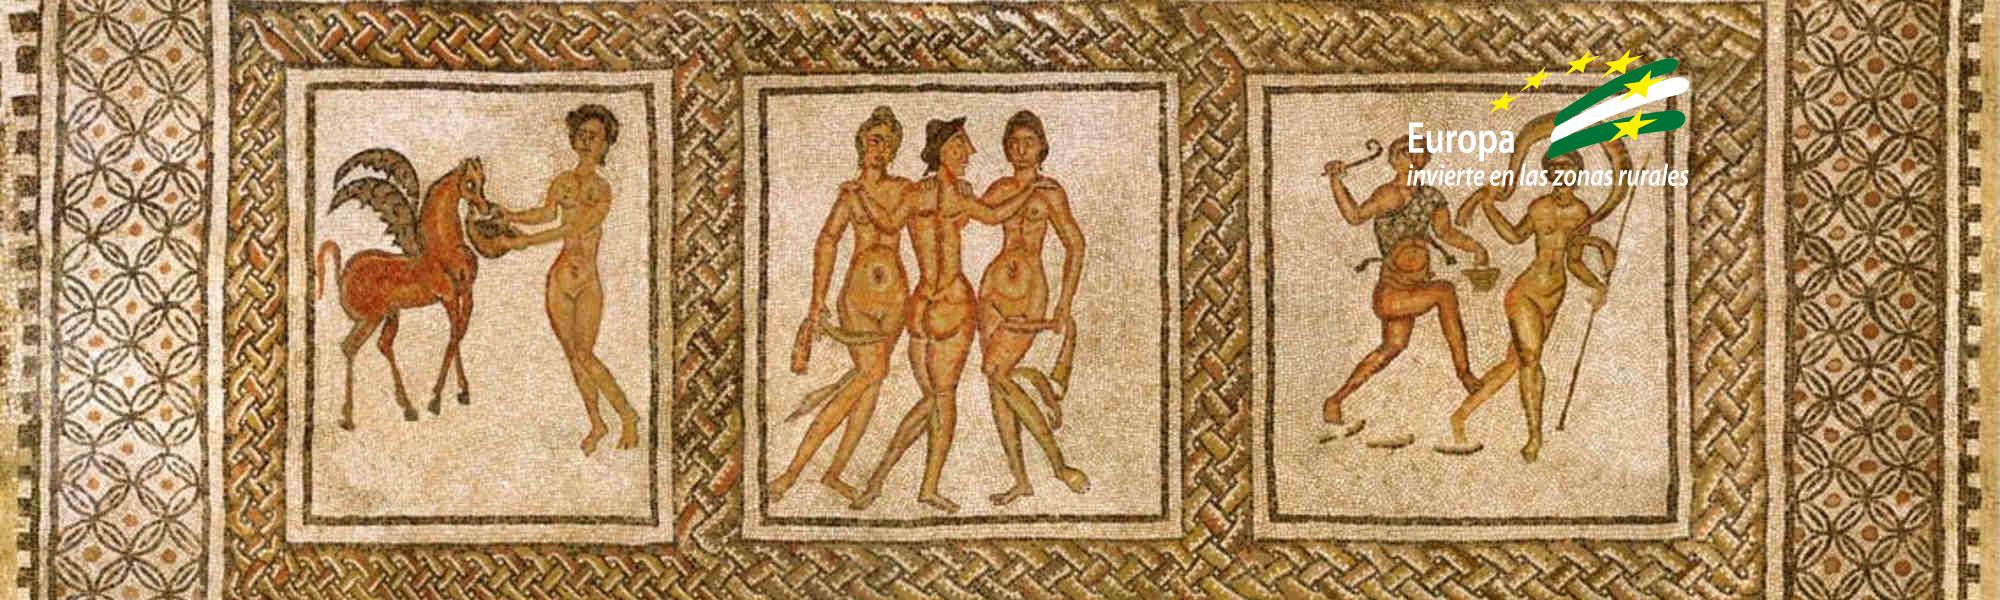 mosaico-campinasur